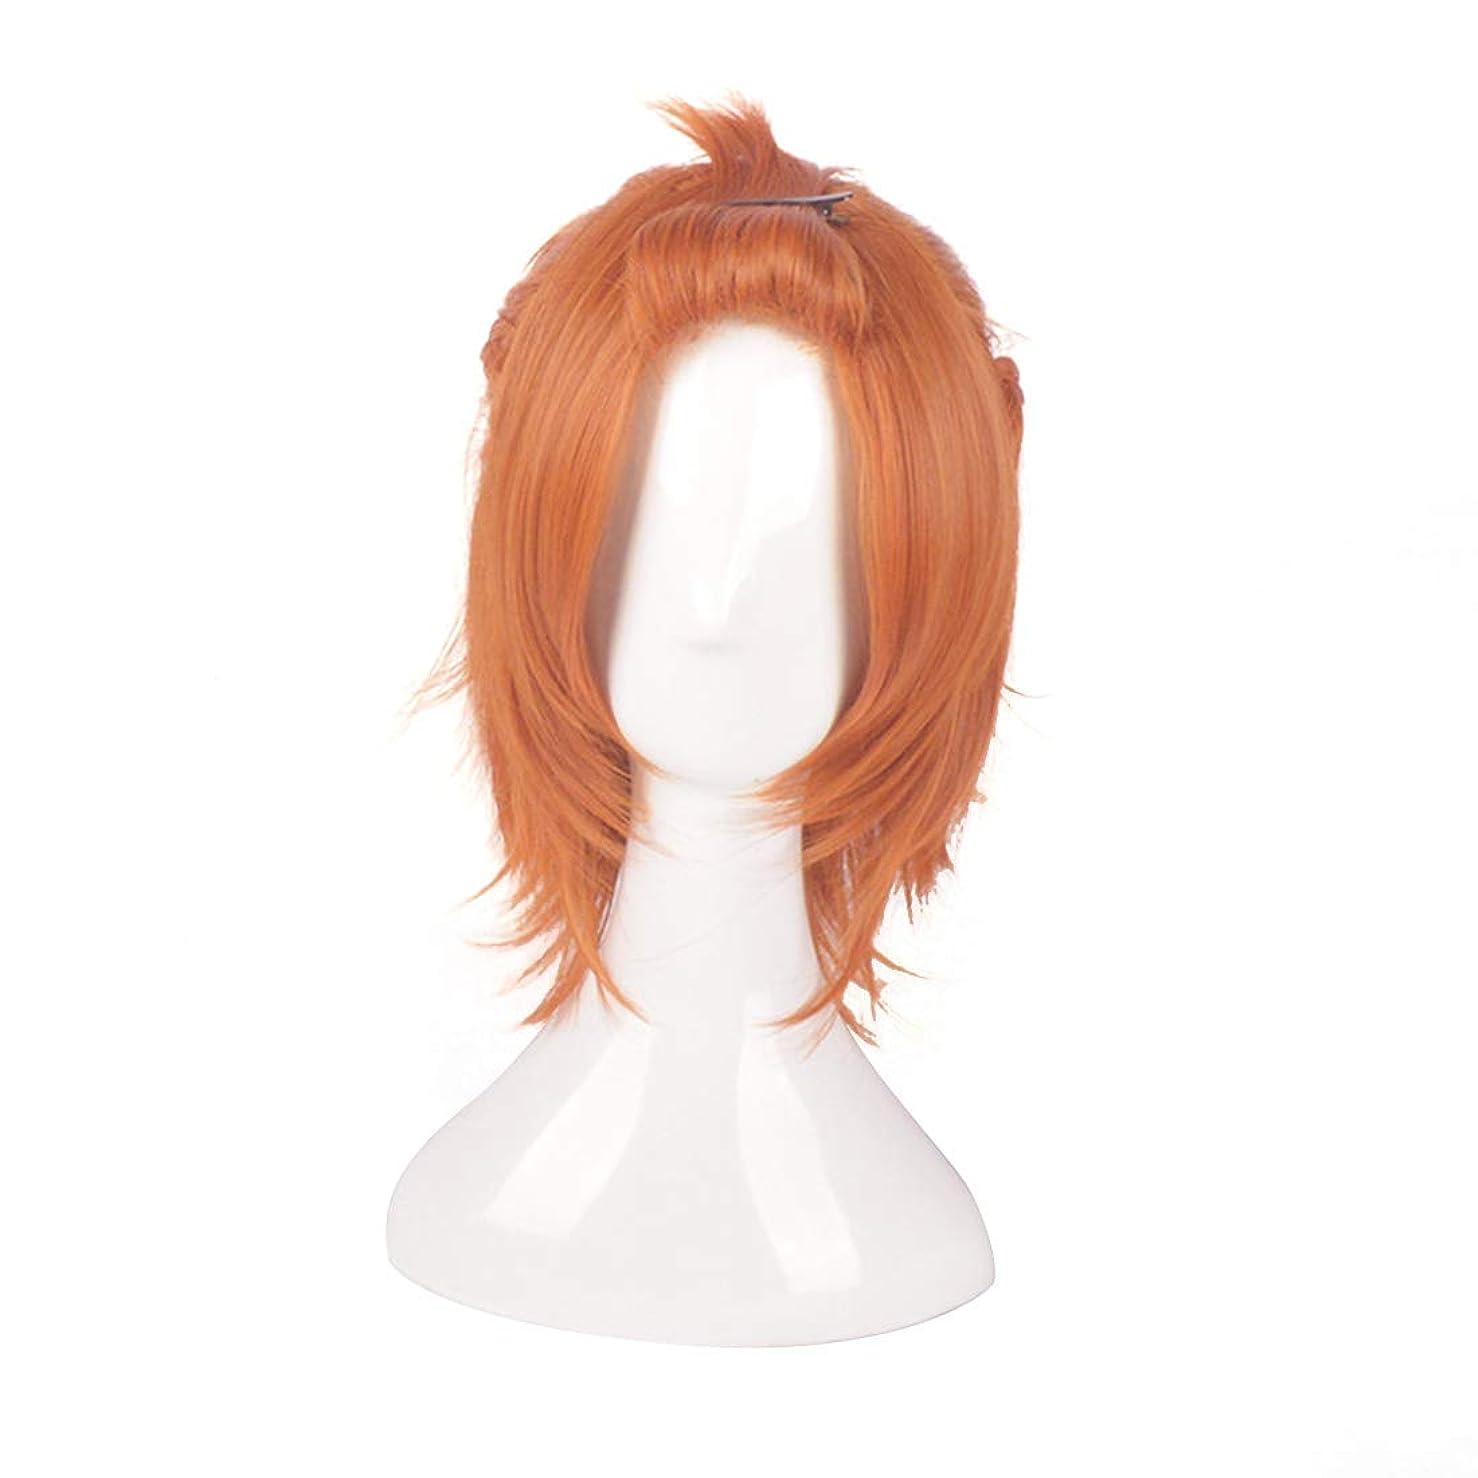 バーター経度切手JIANFU ショートヘアオレンジマイクロショートヘアヨーロッパとアメリカアニメスタイルウィッグコスプレウィッグ君のために (Color : オレンジ)